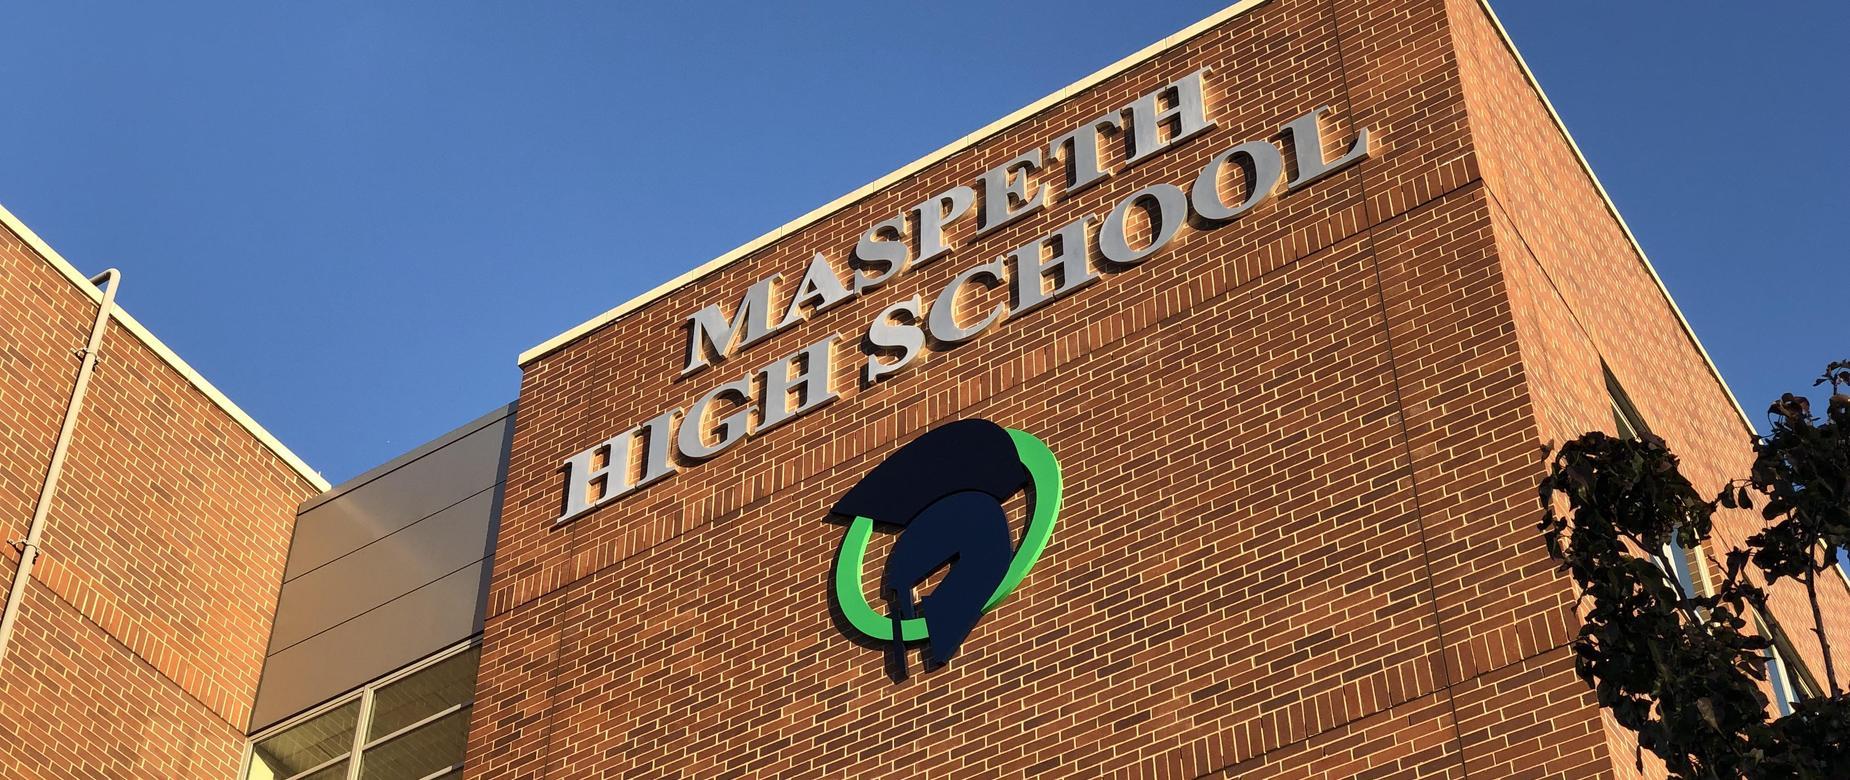 Maspeth High school